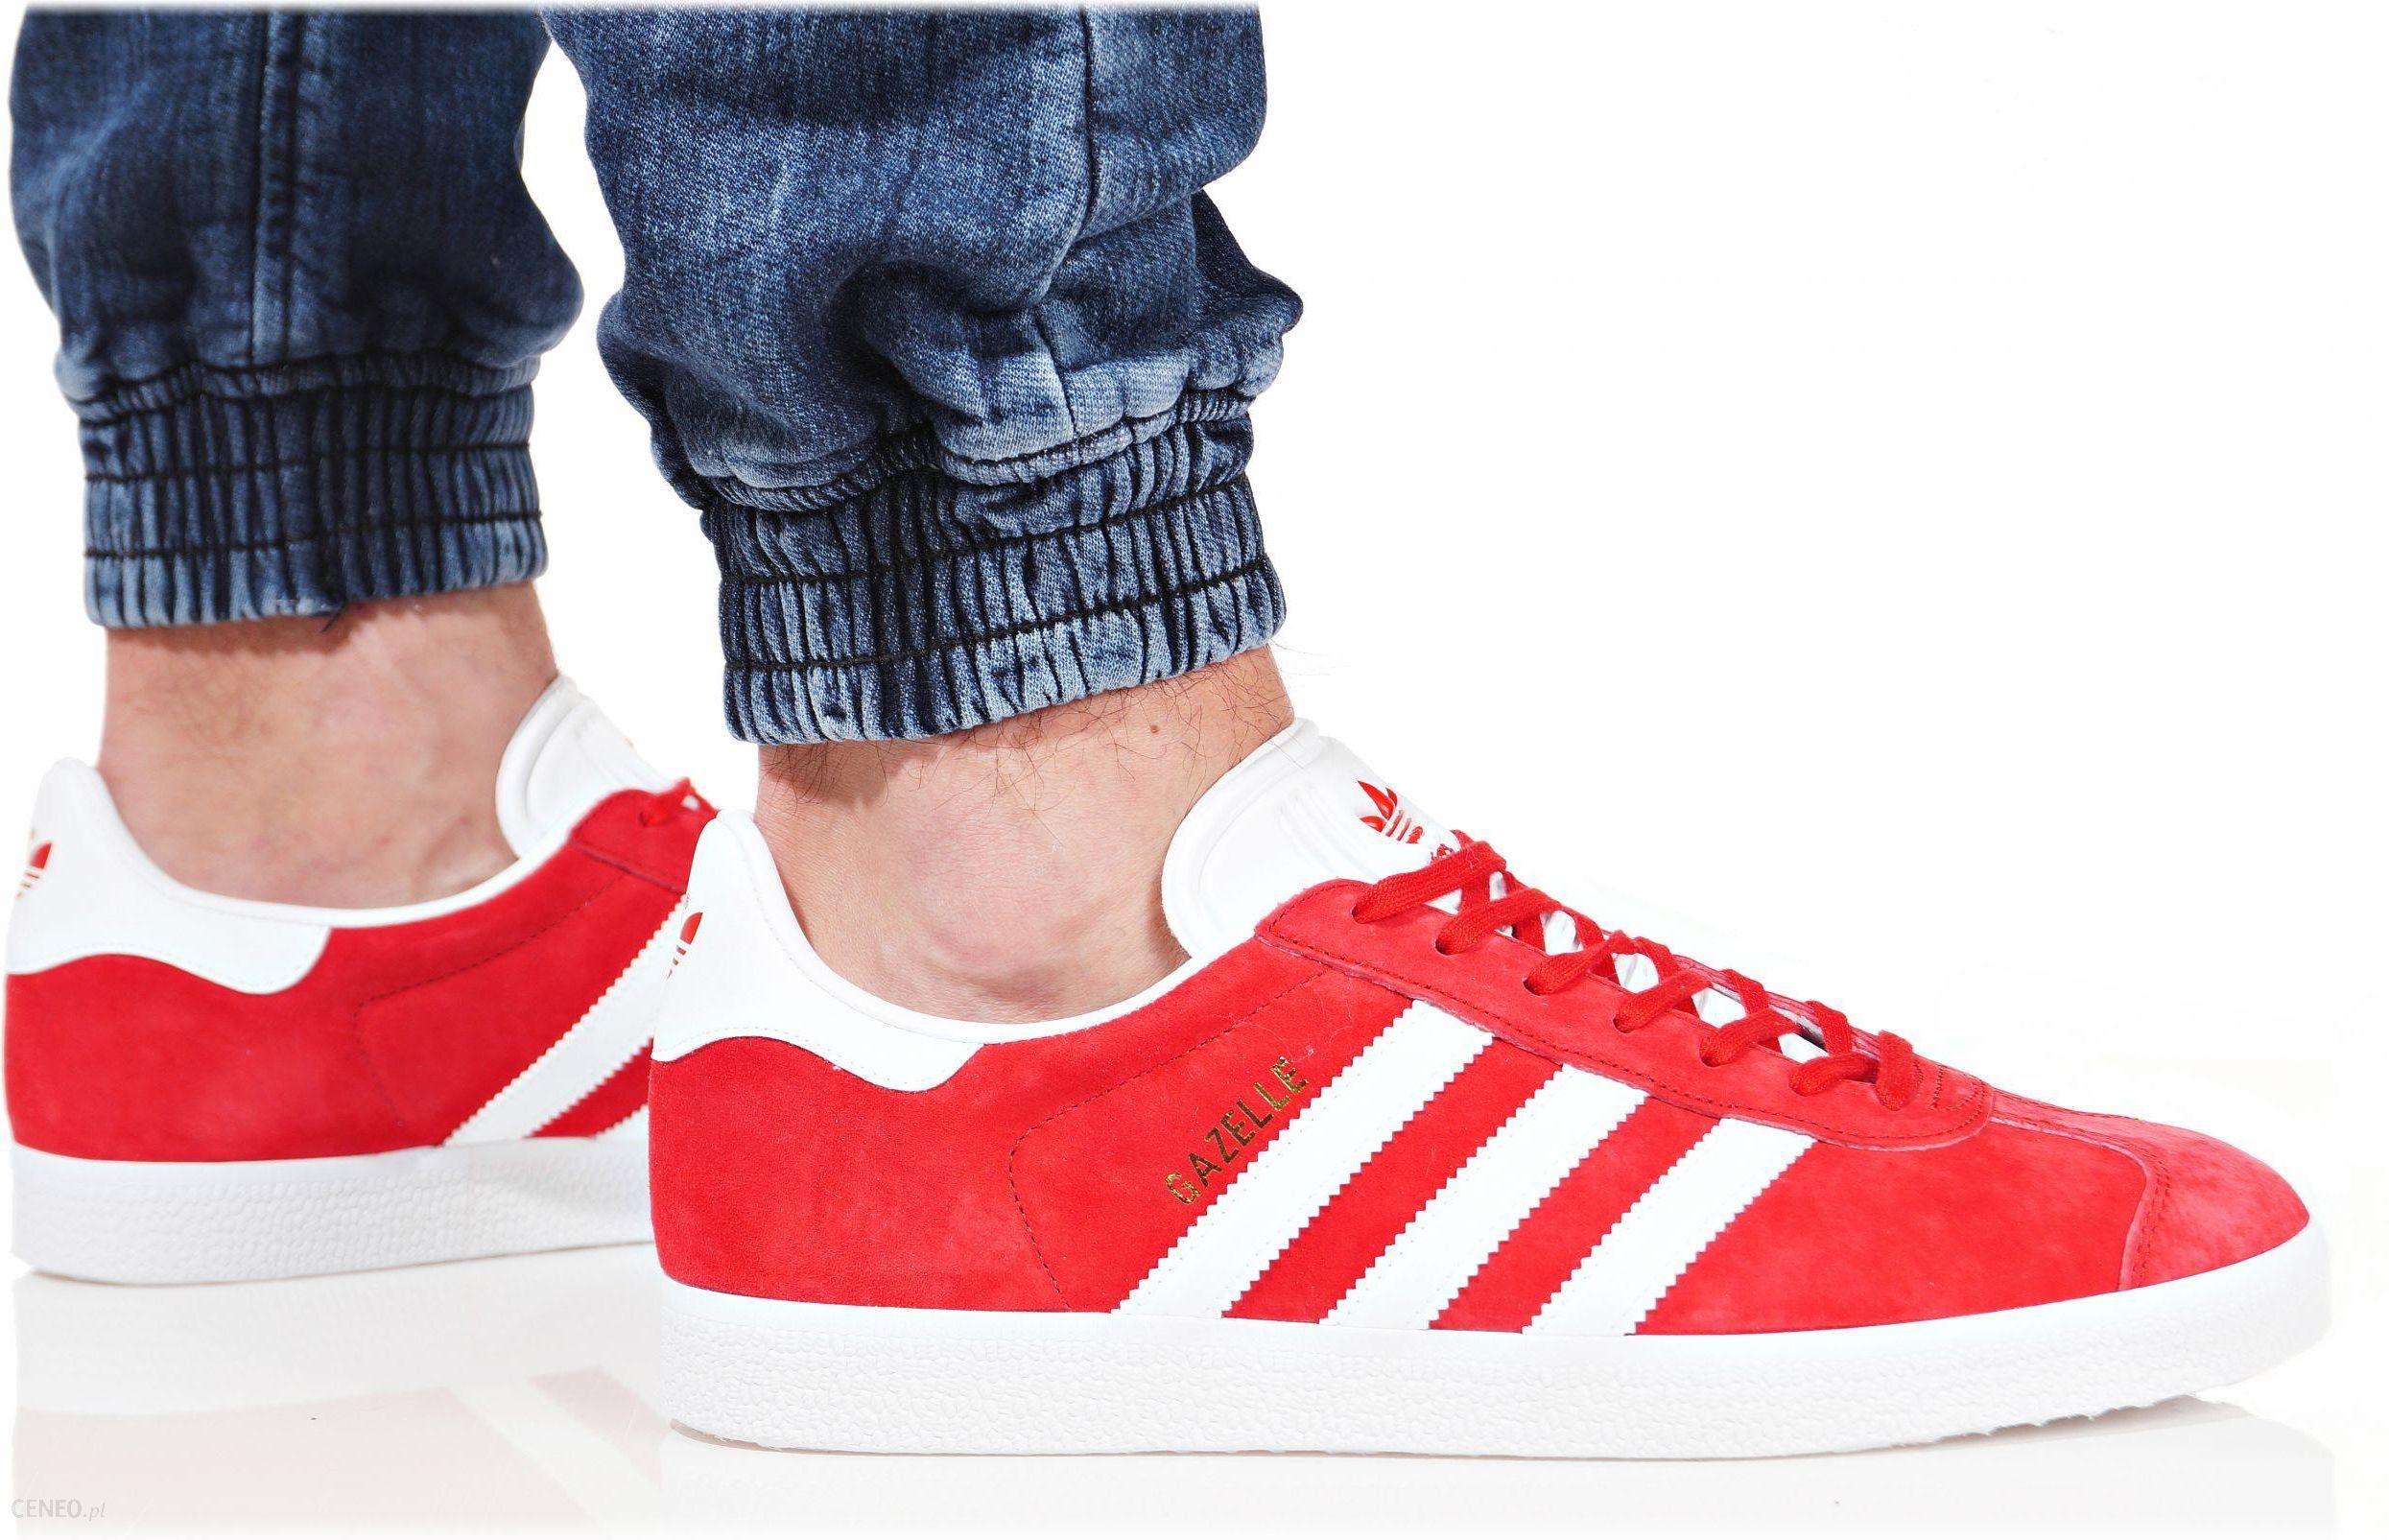 Buty adidas męskie gazelle s76228 czerwone Galeria zdjęć i